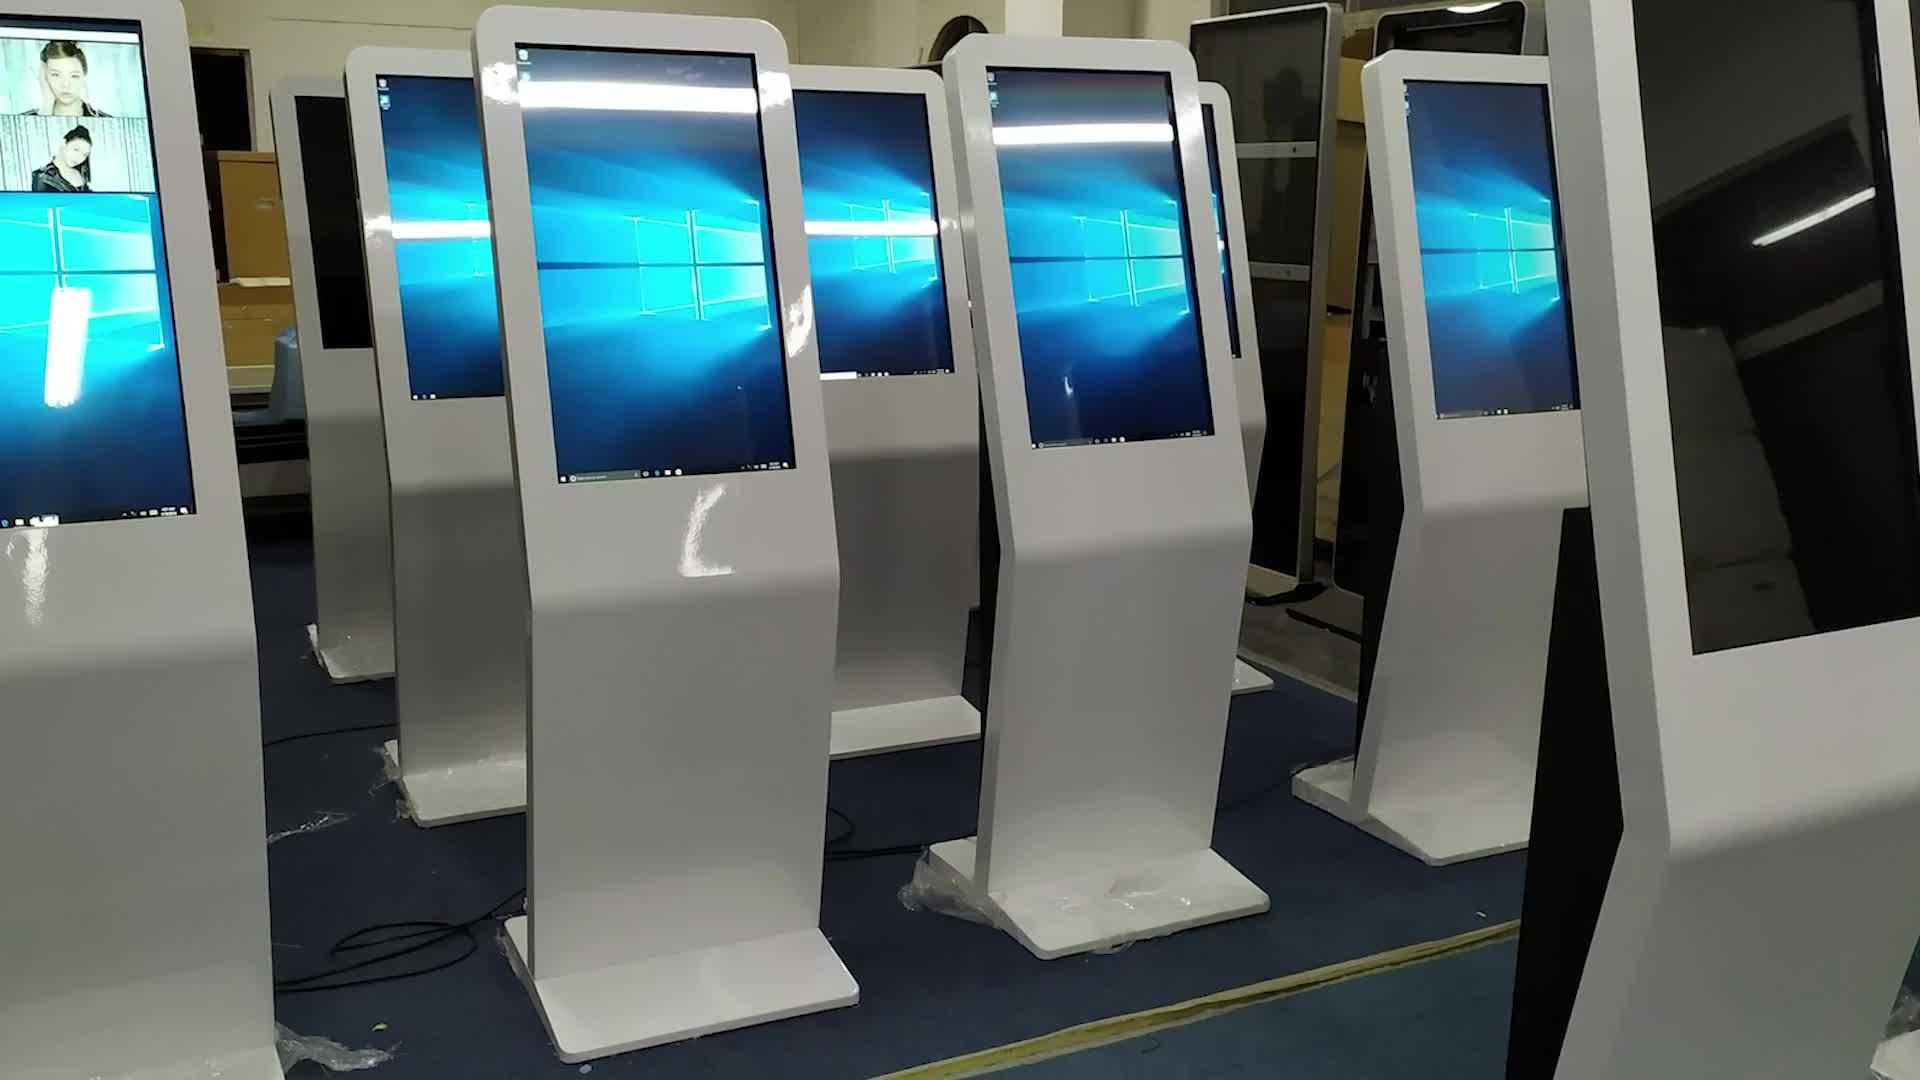 """Cafés machine de paiement de kiosque de kiosque de paiement de Facture, barre Internet 32 """"kiosque de paiement à écran tactile avec lecteur de carte et imprimante thermique"""